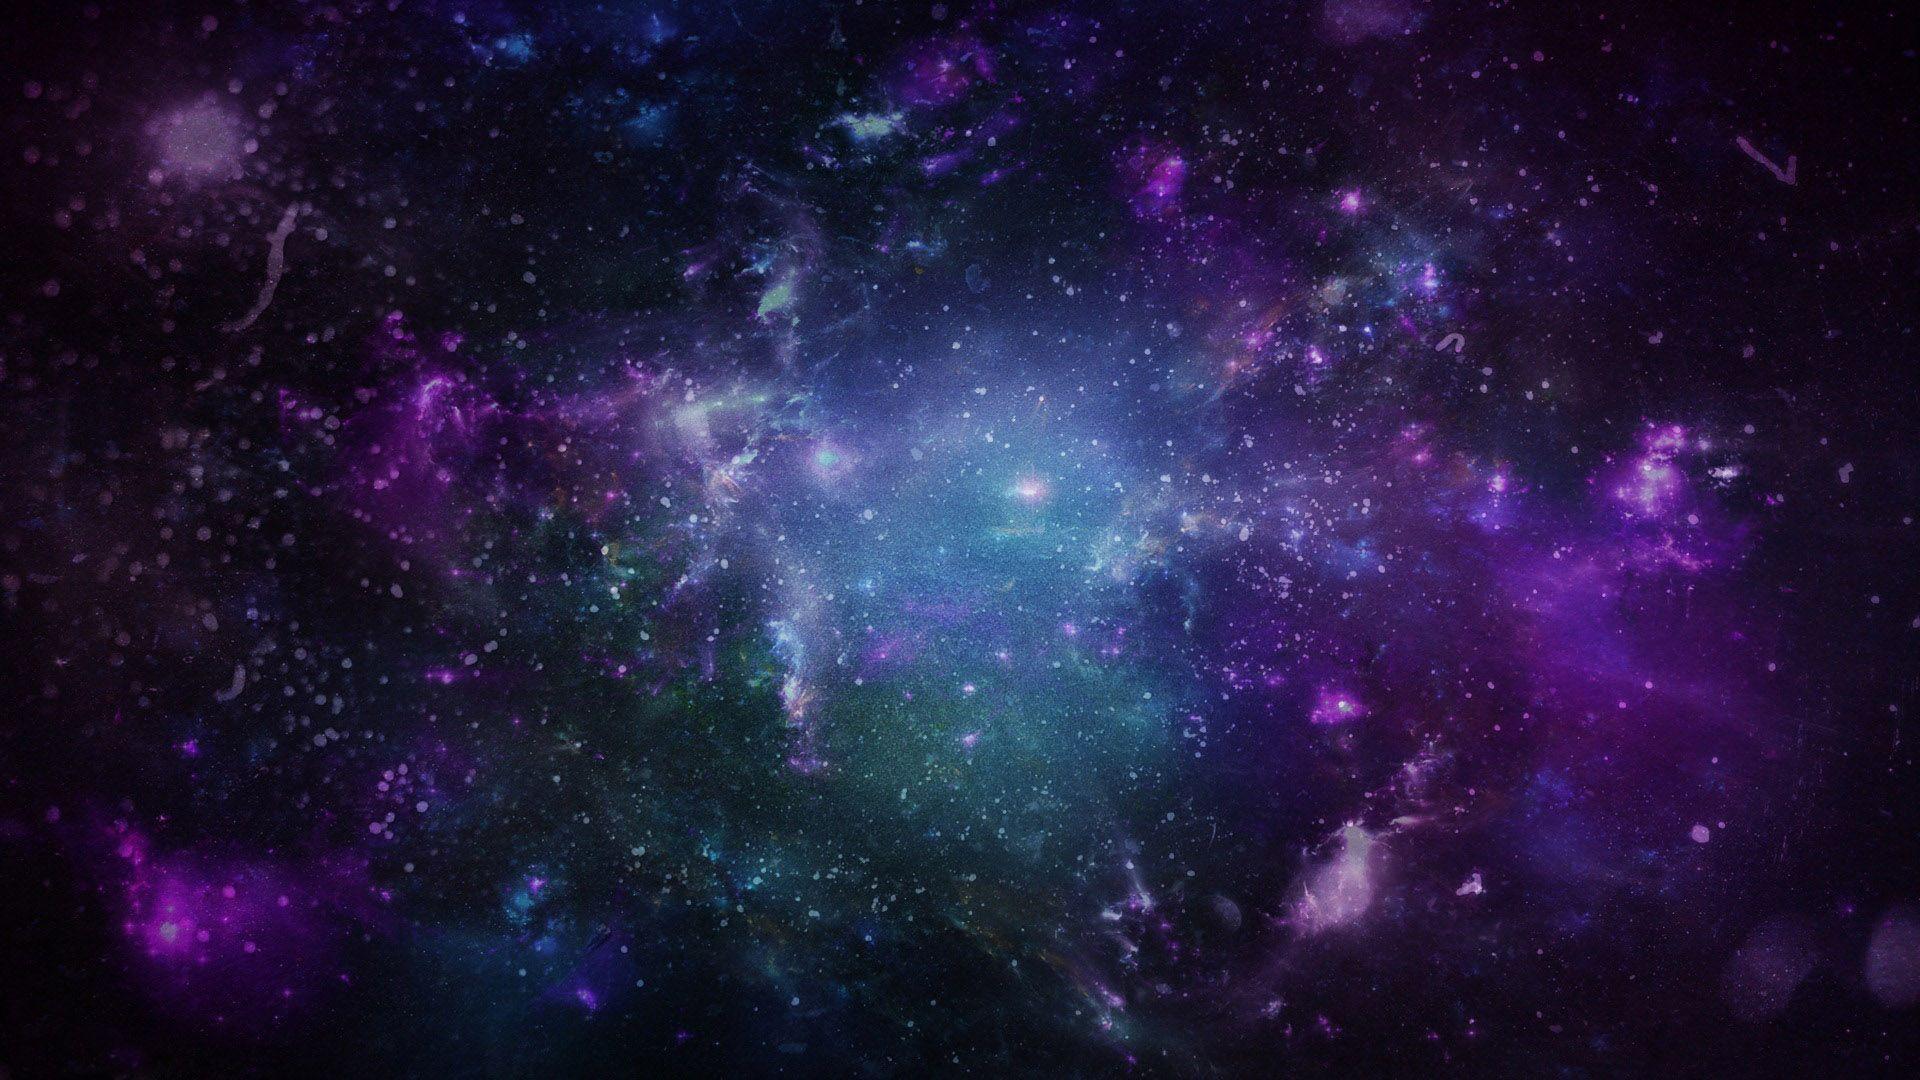 Galaxy wallpaper 17088 1920x1080